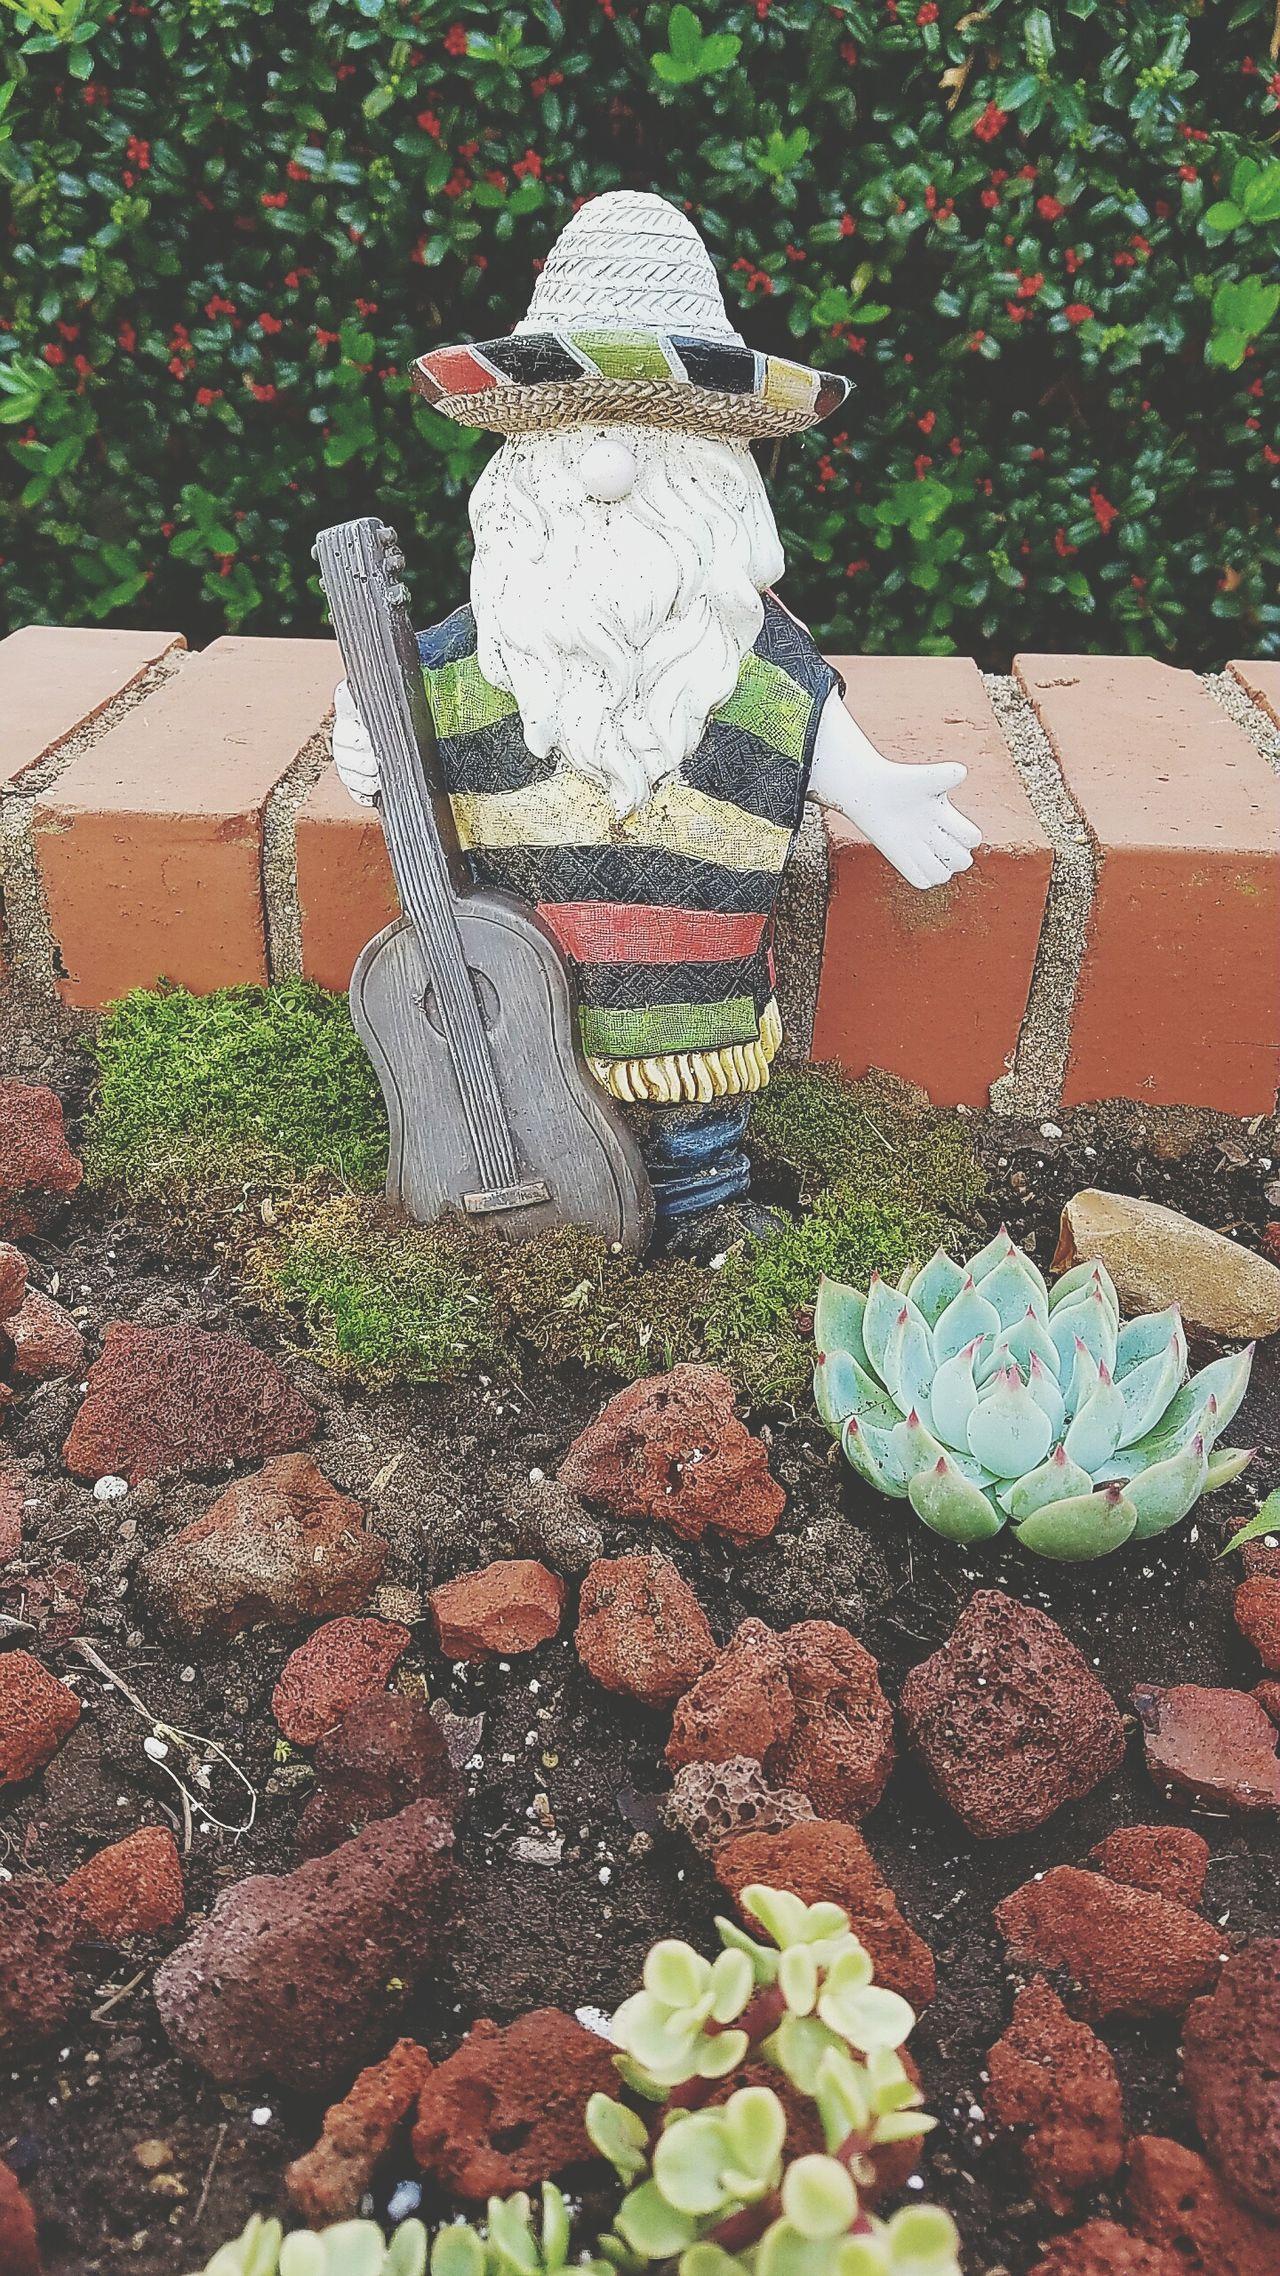 Taking Photos Check This Out Garden Photography Cactusporn Cactus Garden My Cactus Garden